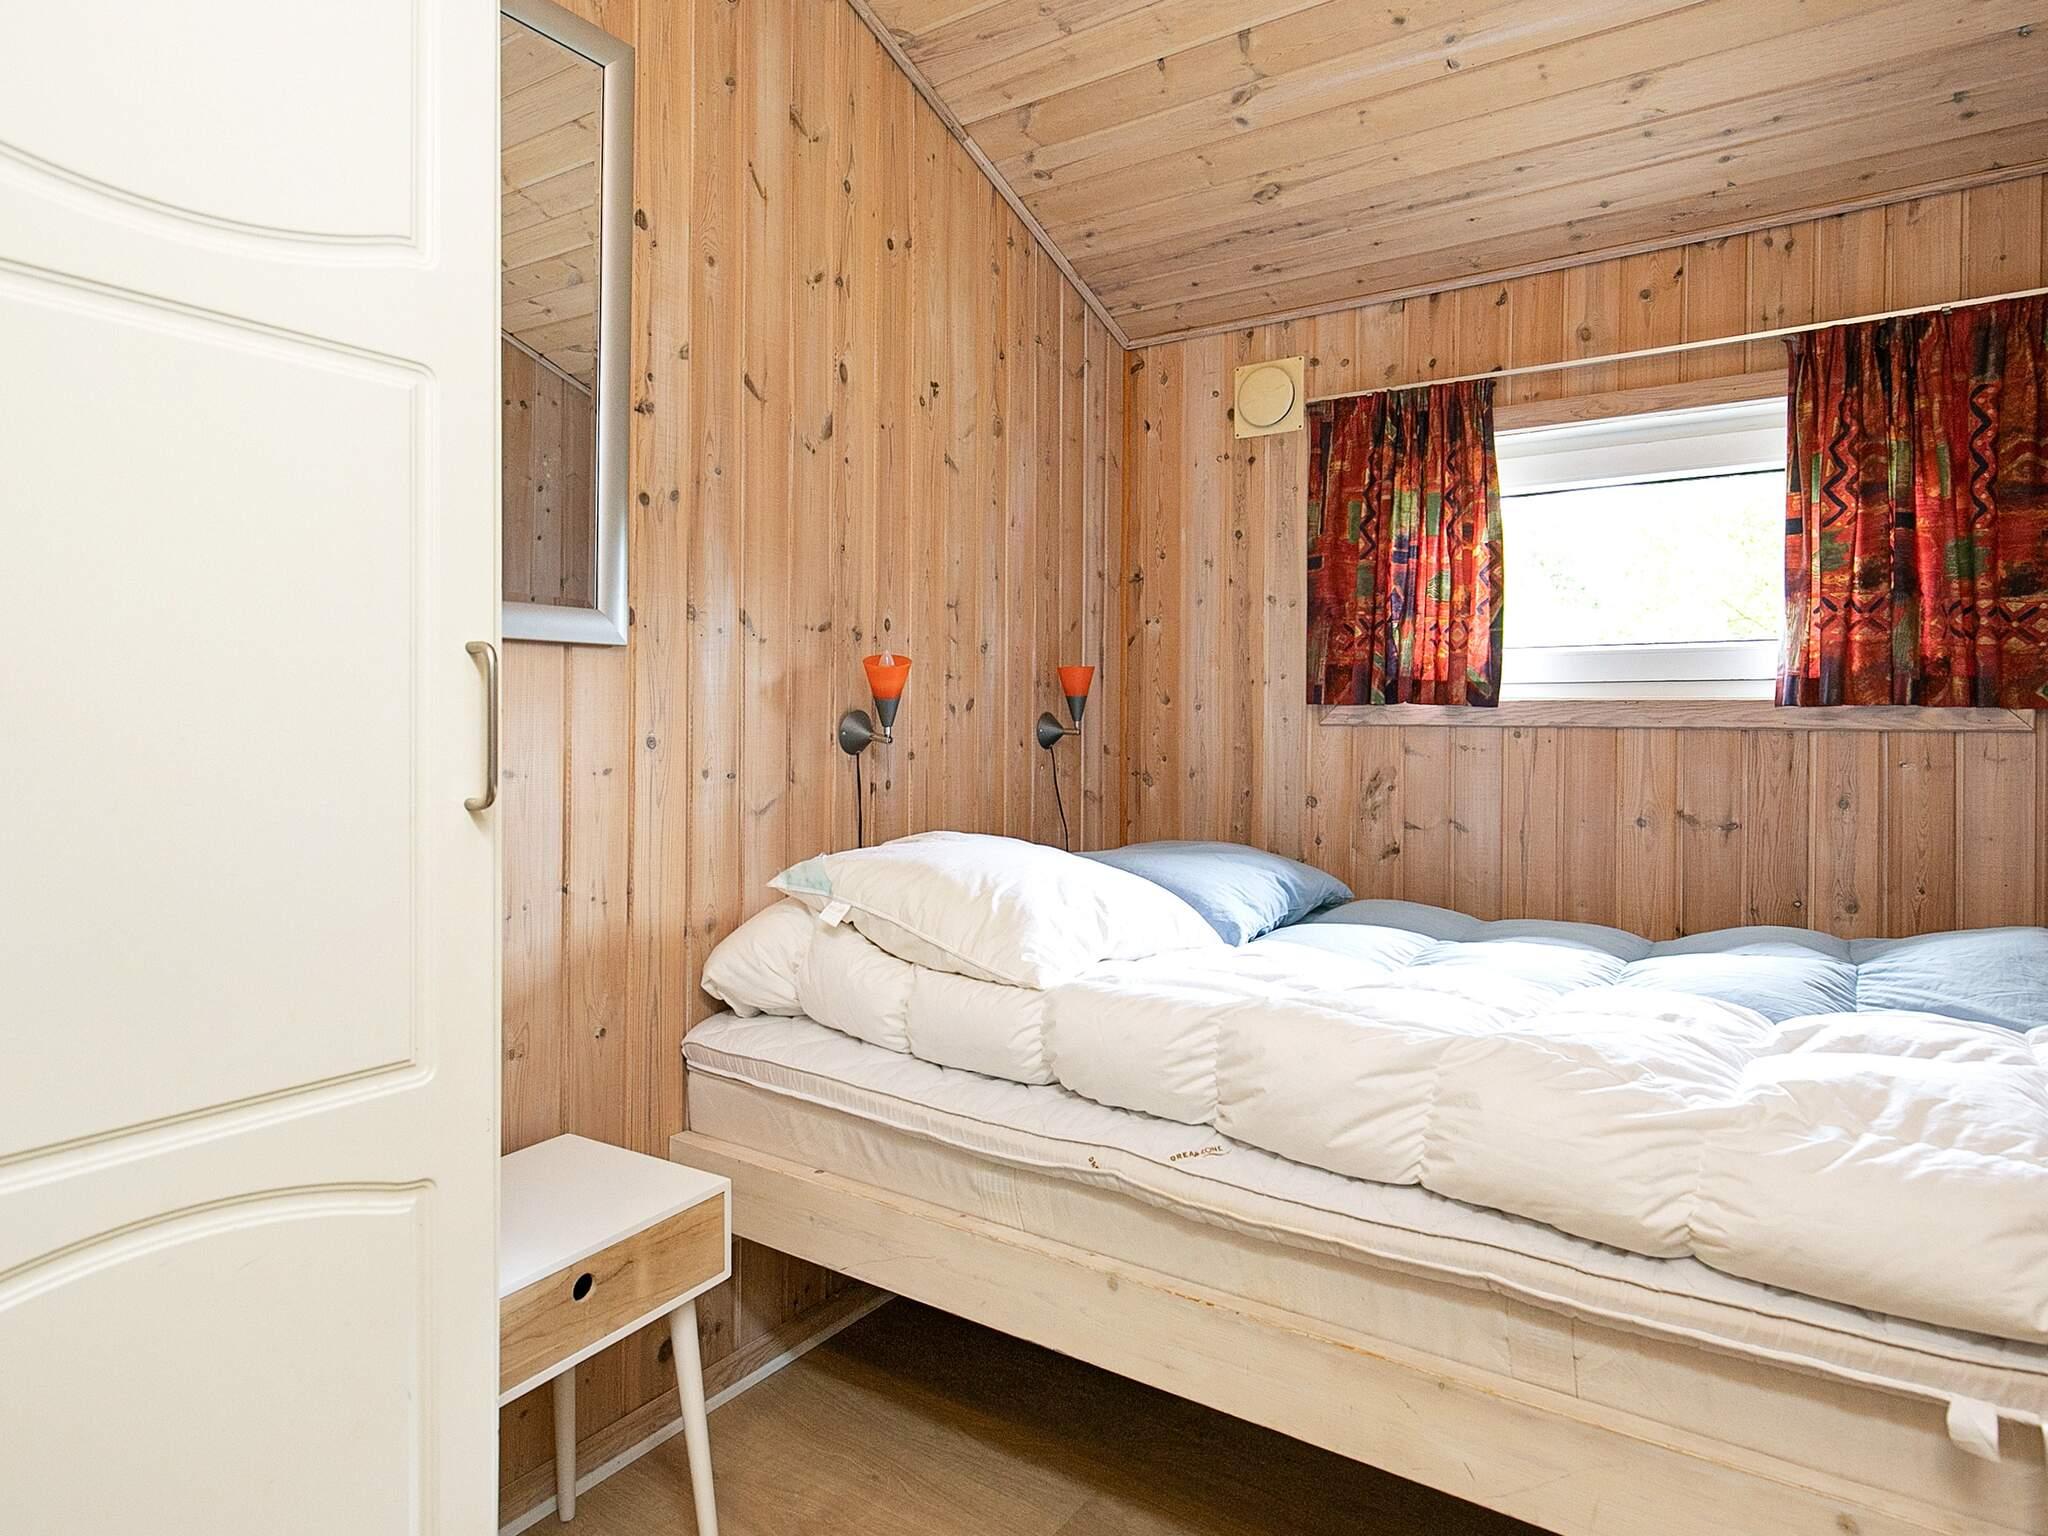 Ferienhaus Marielyst (83562), Marielyst, , Falster, Dänemark, Bild 12